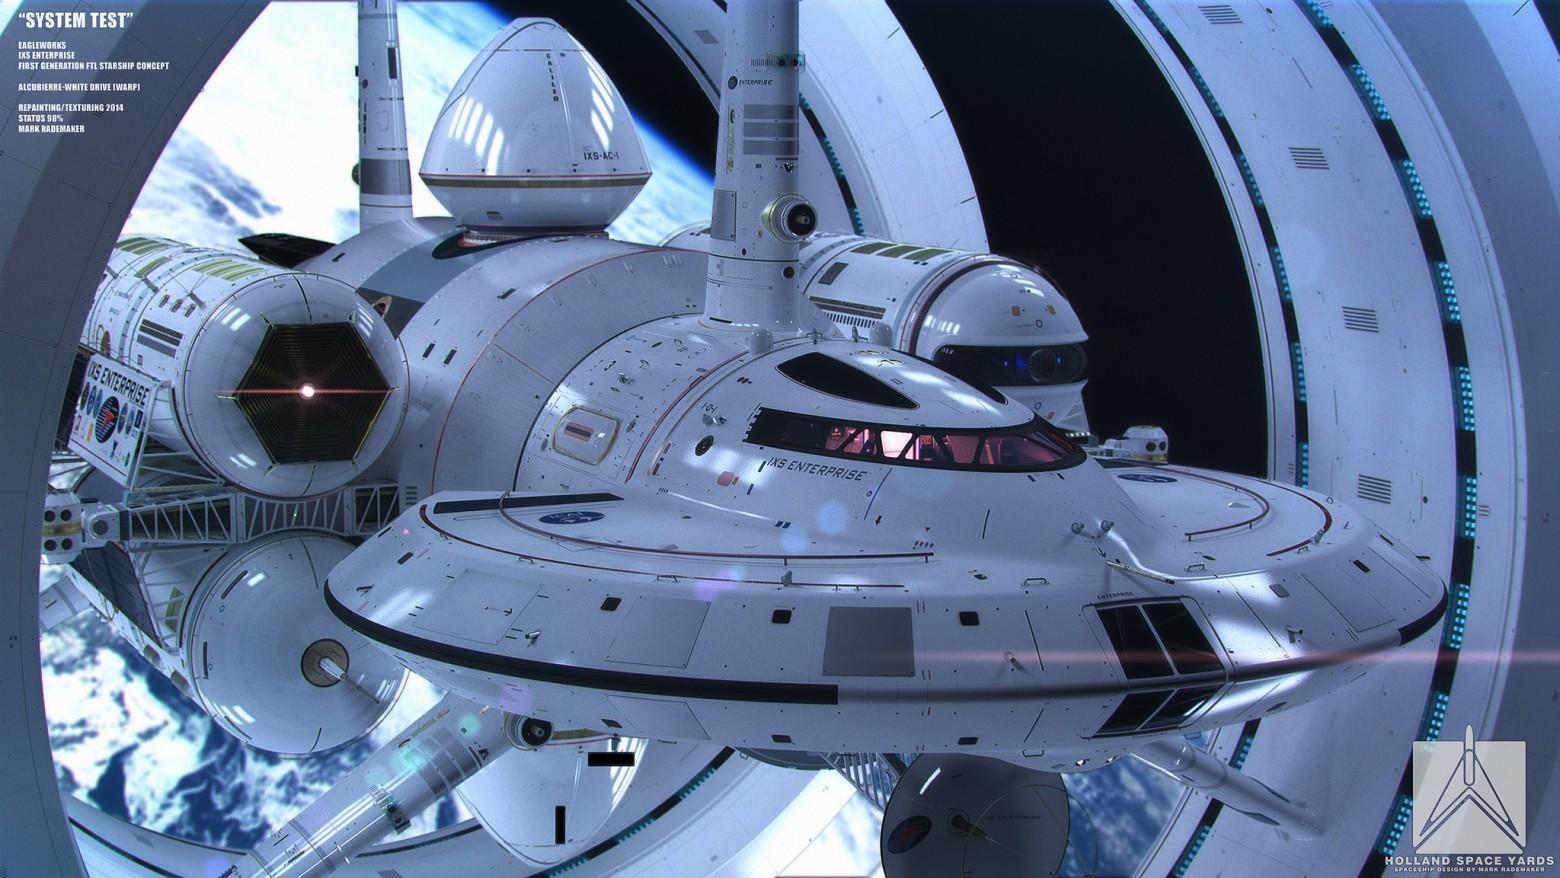 Опубликован отчёт НАСА об успешных испытаниях EmDrive - 9